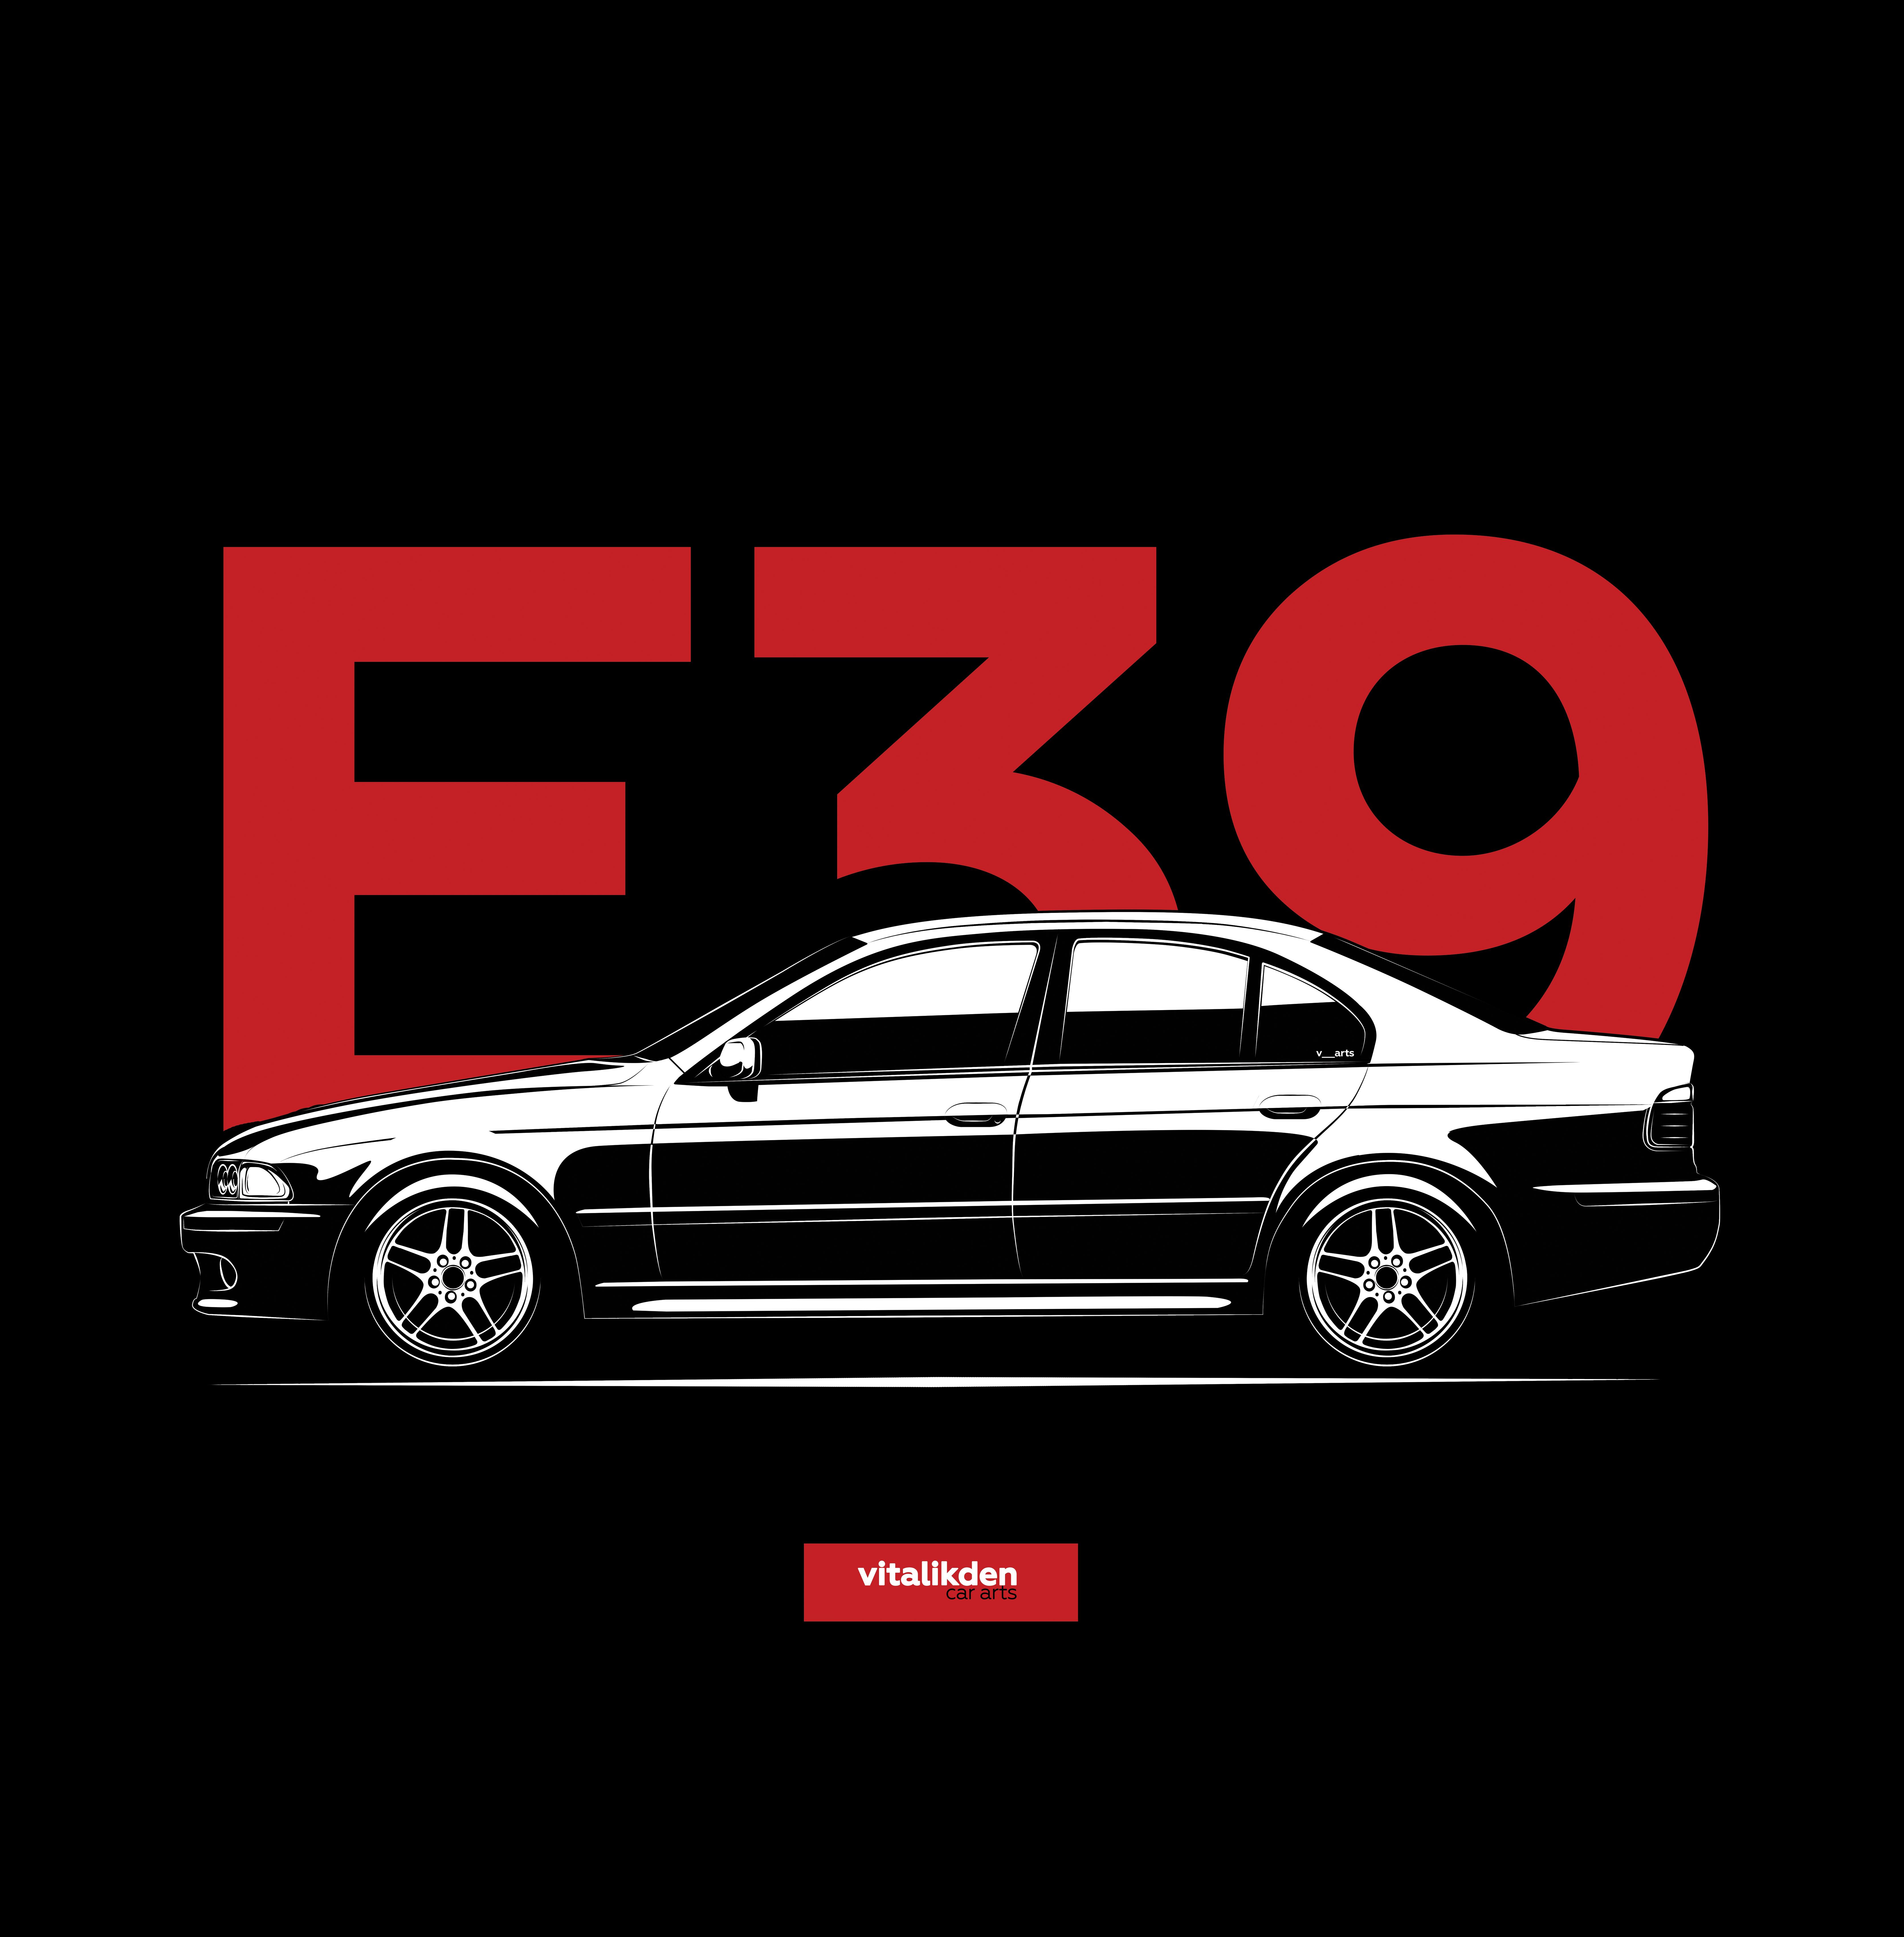 E39 Logo Hoody Hoodie Hooded Top